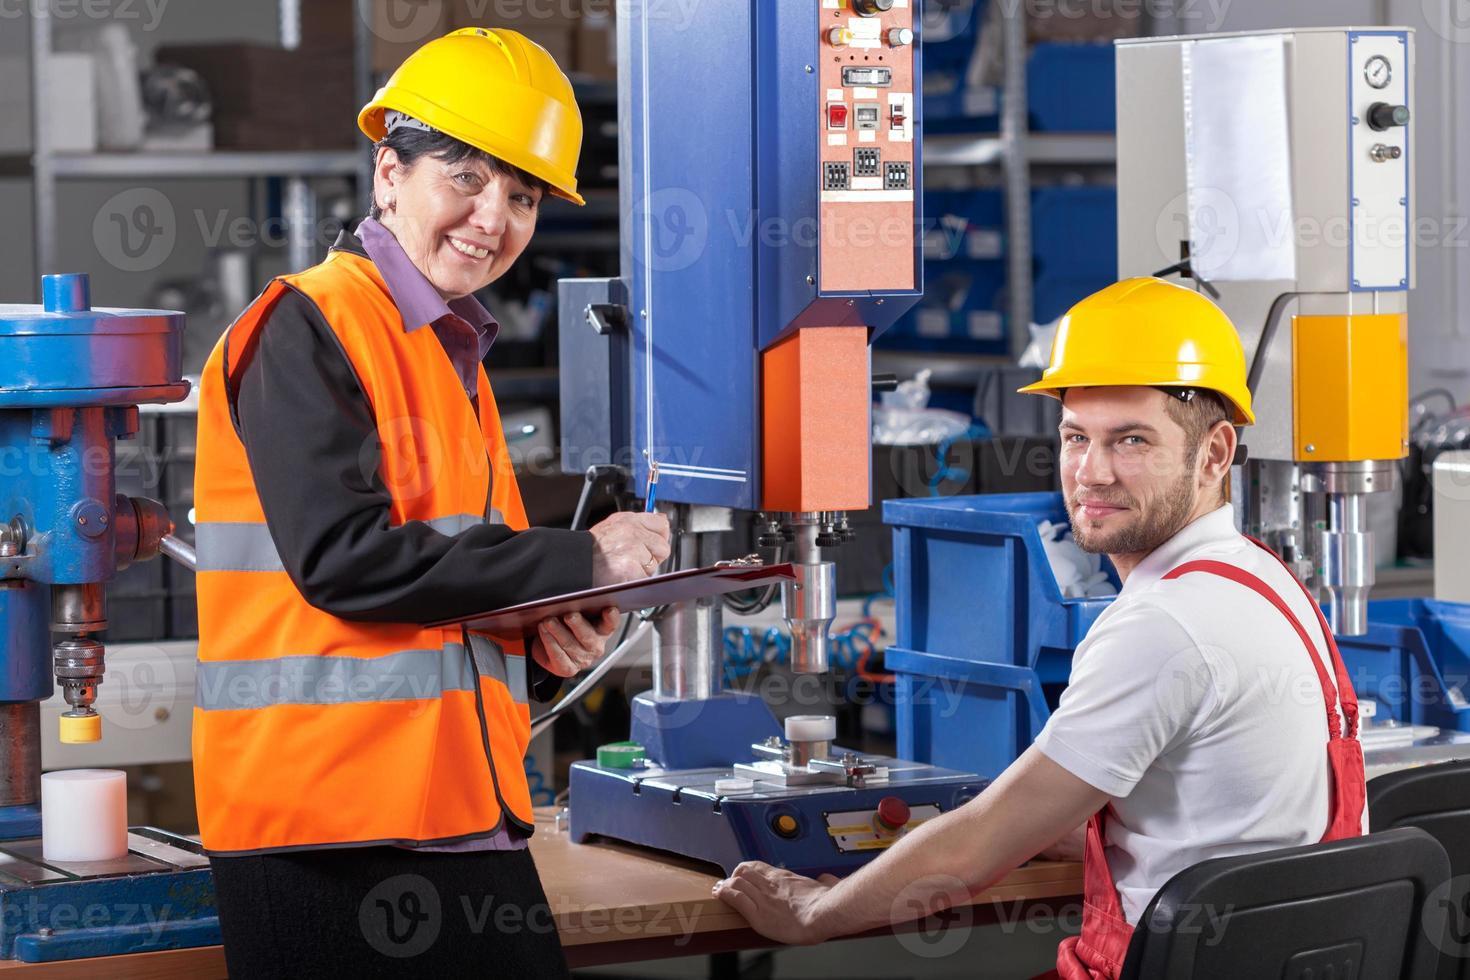 trabajador de producción en el lugar de trabajo y supervisor foto